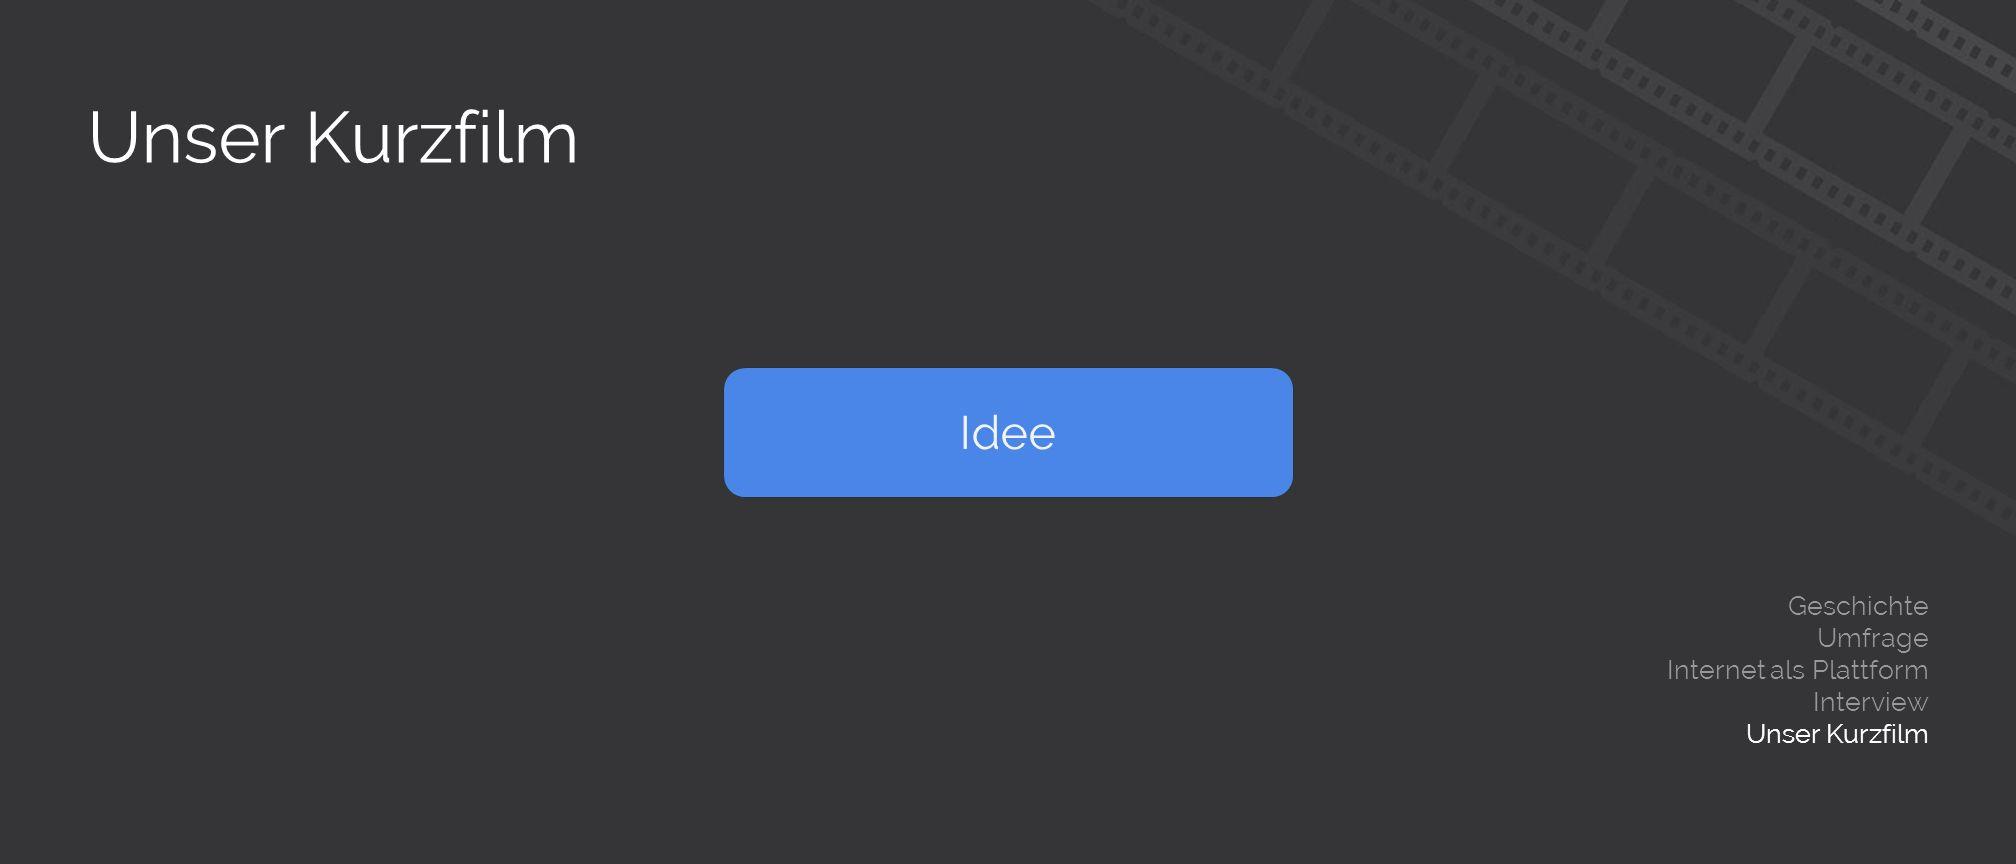 Unser Kurzfilm Geschichte Umfrage Internet als Plattform Interview Unser Kurzfilm Idee